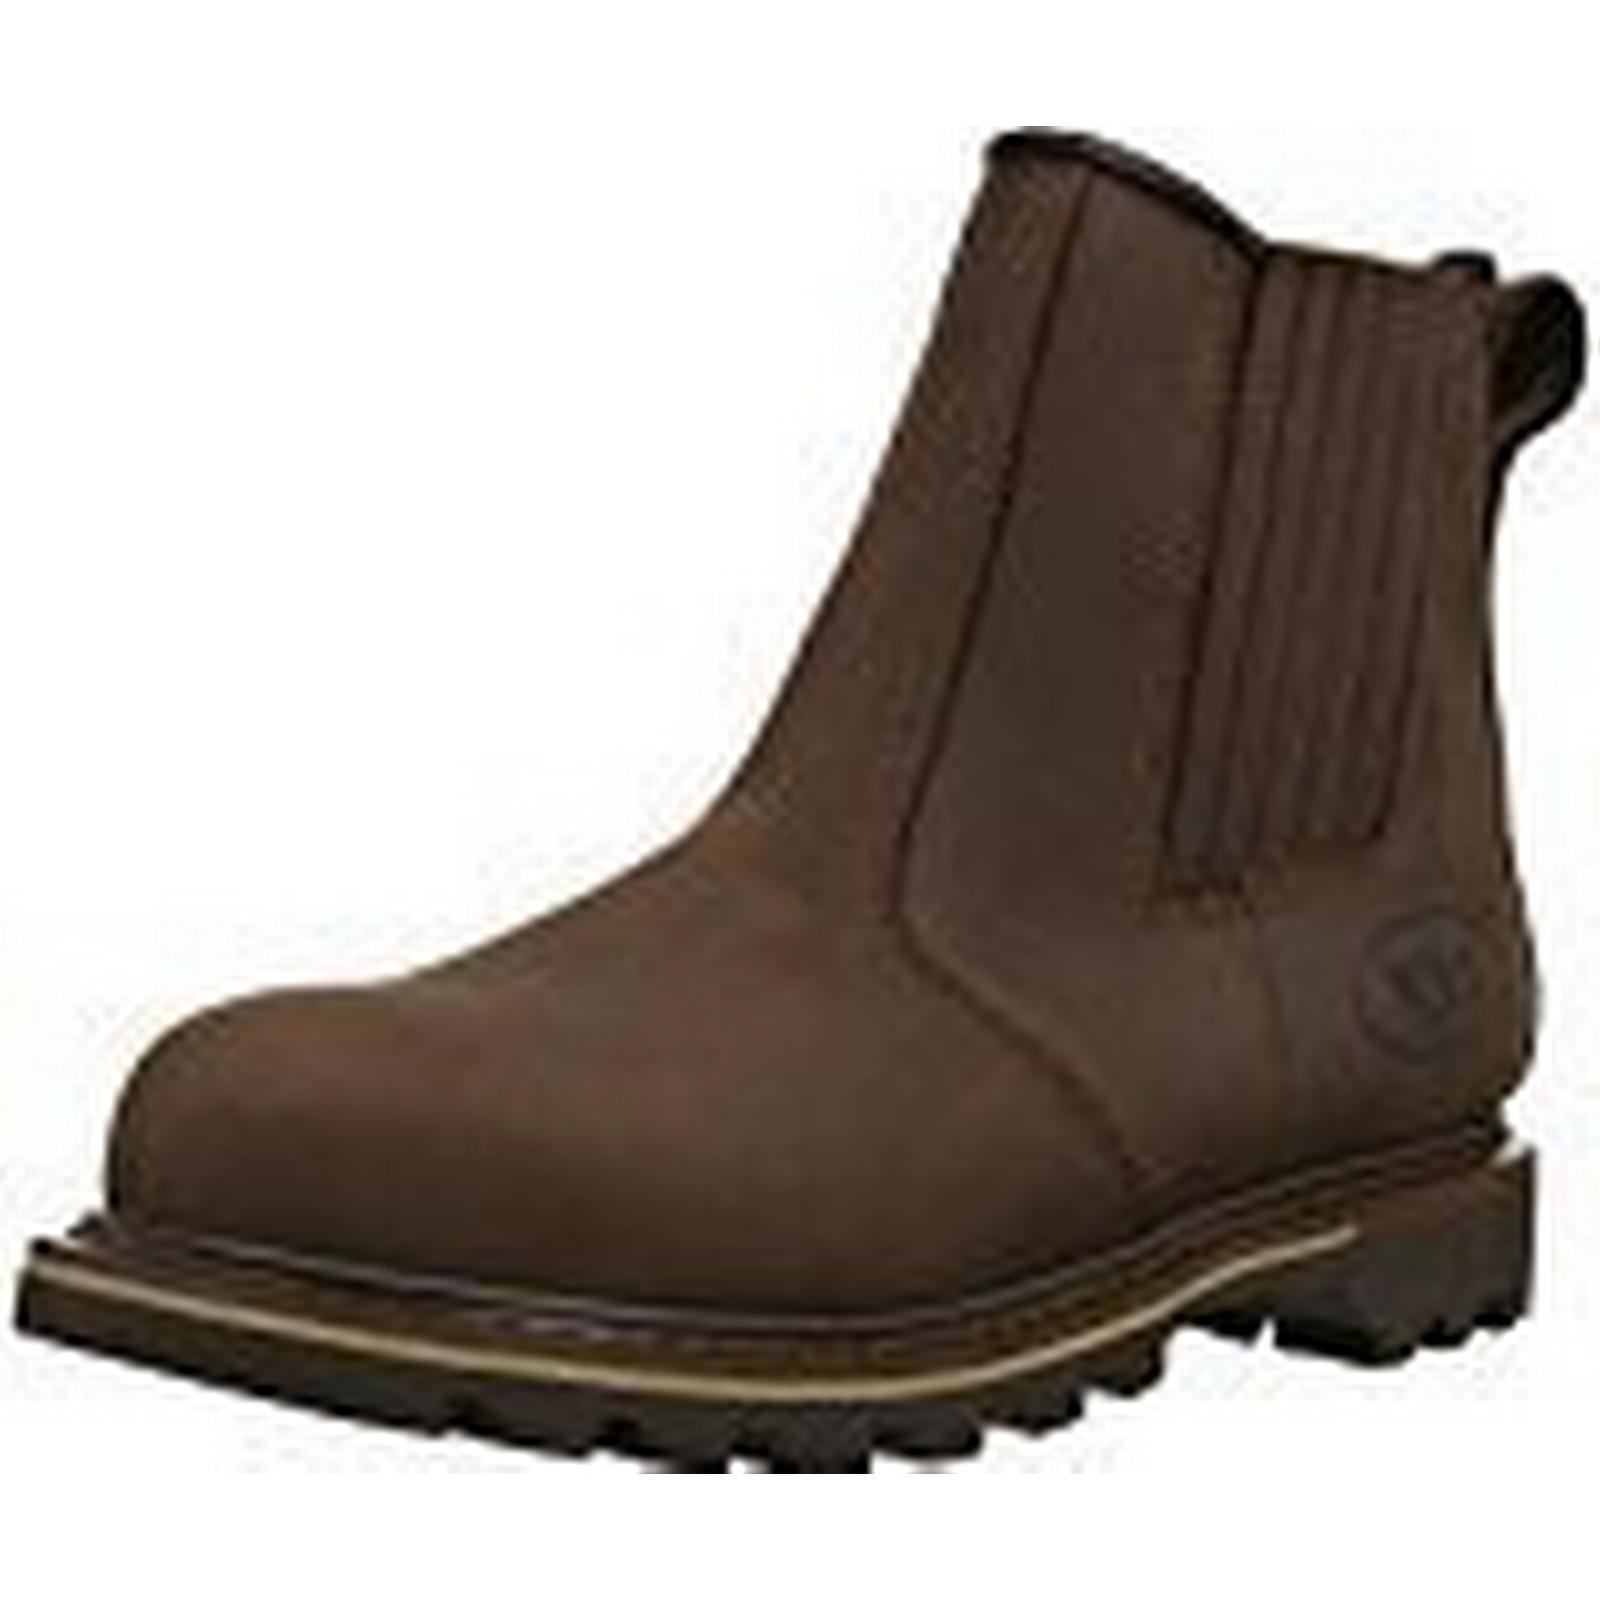 V12 Safety Rawhide, Full Grain Leather Safety V12 Dealer Boot, Size 08, Brown 6bbdca